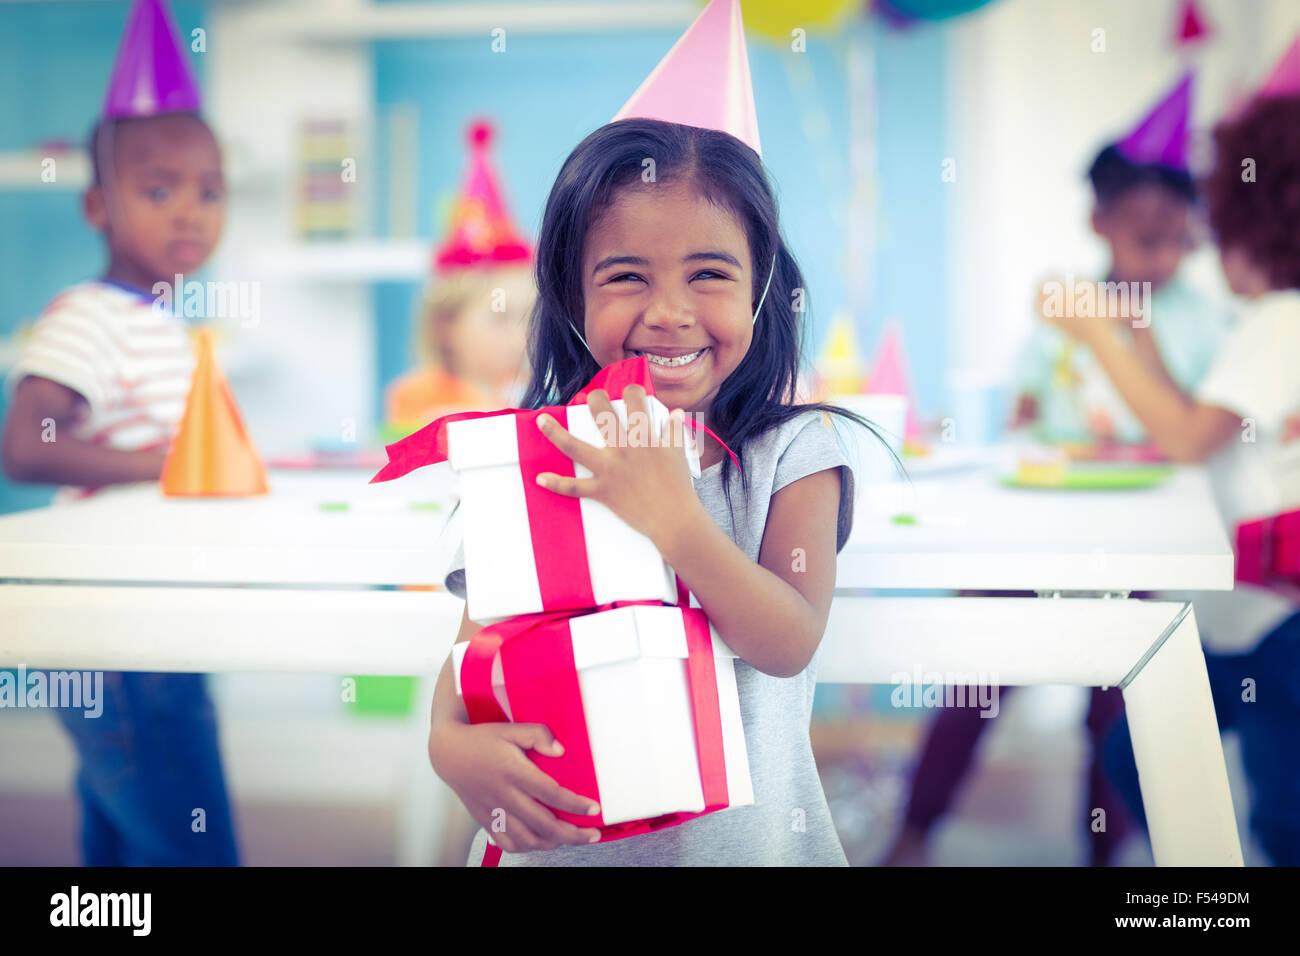 Chica sonriente en la fiesta de cumpleaños Imagen De Stock